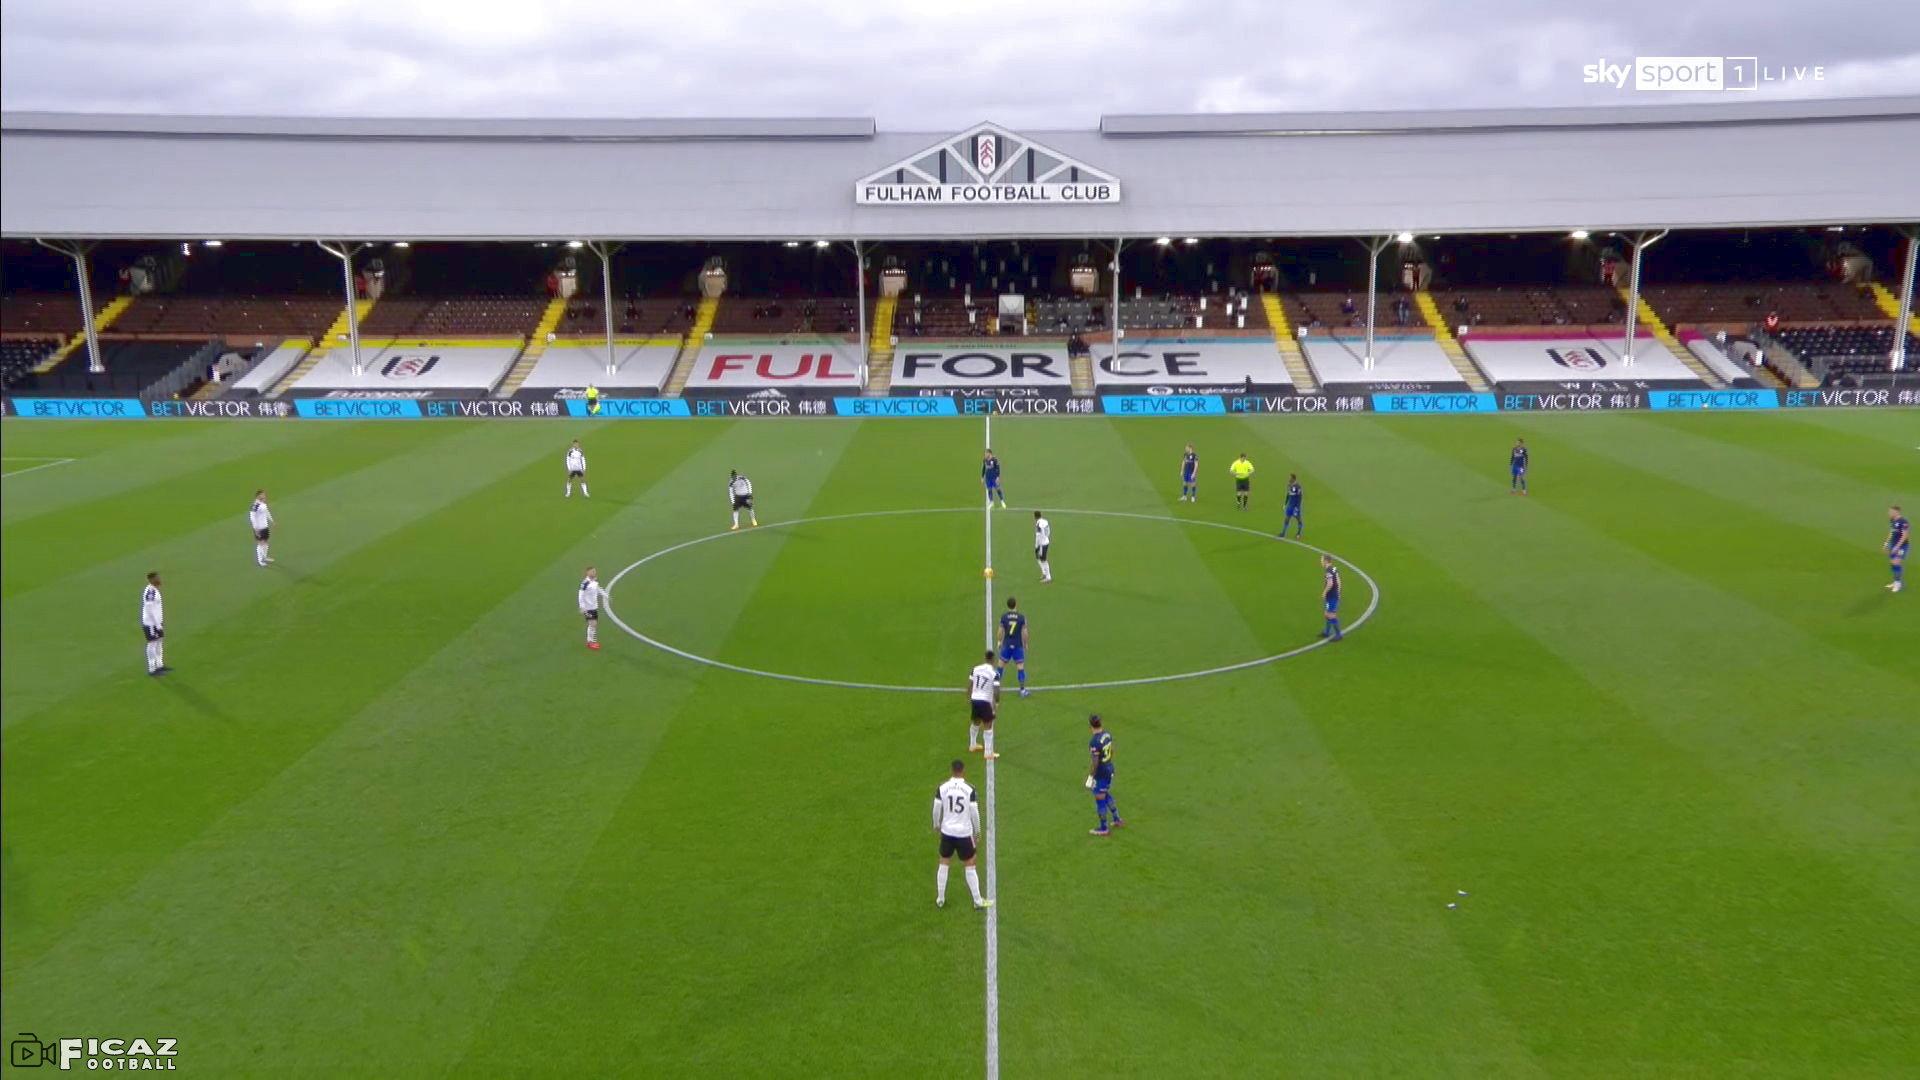 Fulham F.C. - Main Camera Center